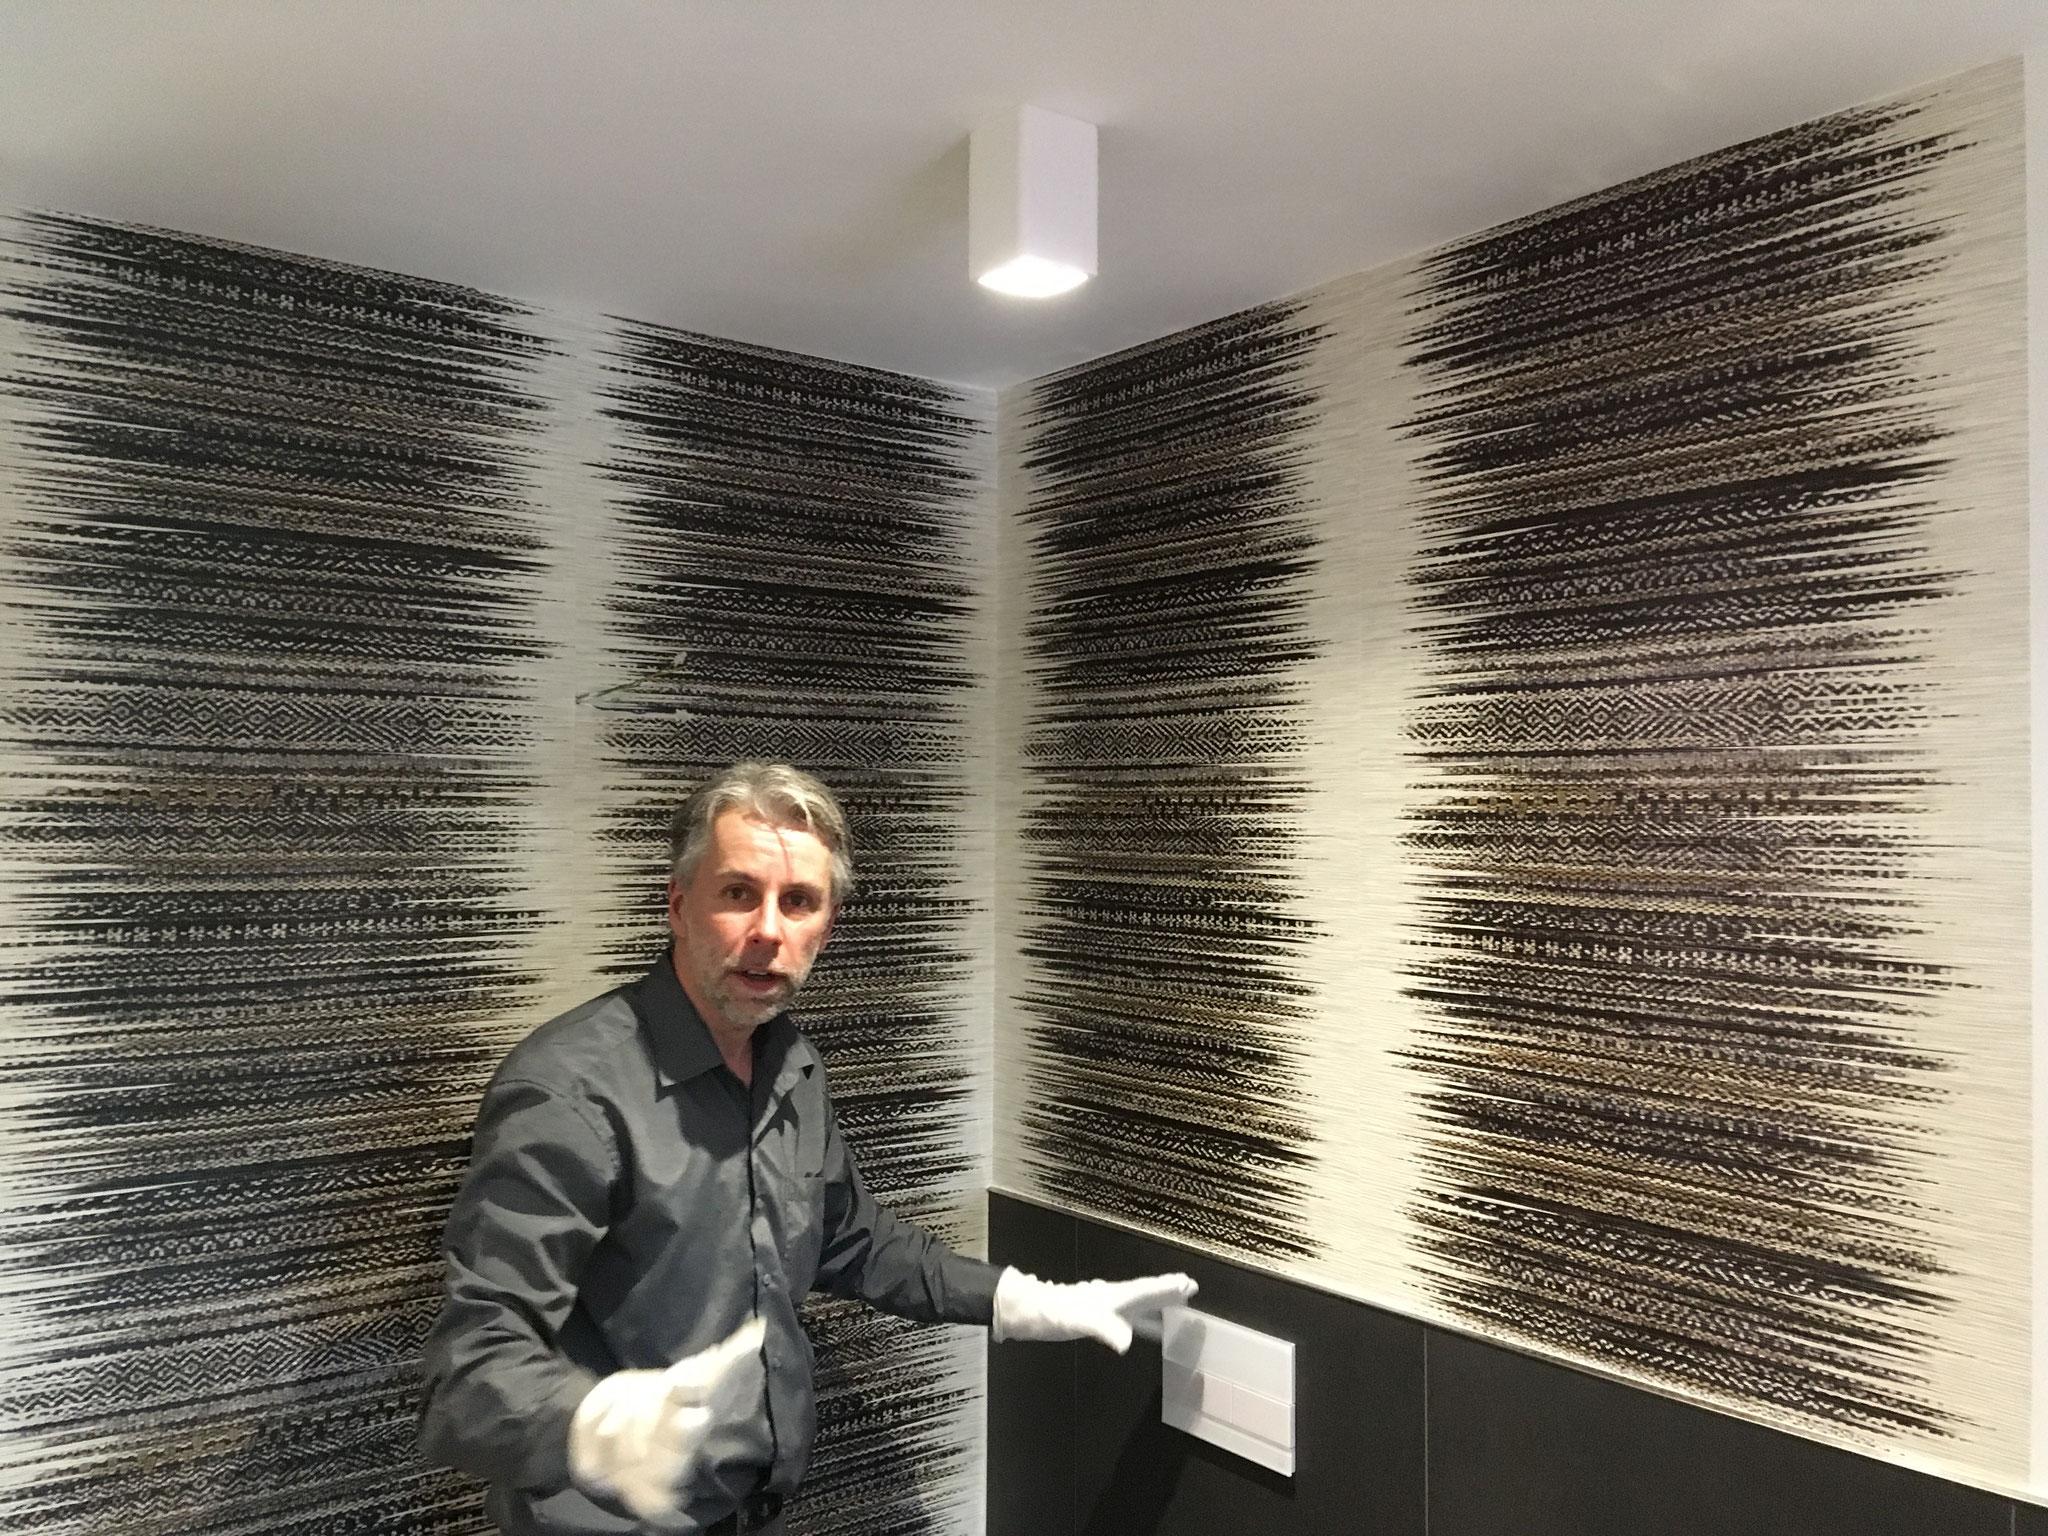 Wie immer, sehr routiniert - unser Badgestalter, Christian Brinkmann, macht echt gute Arbeit